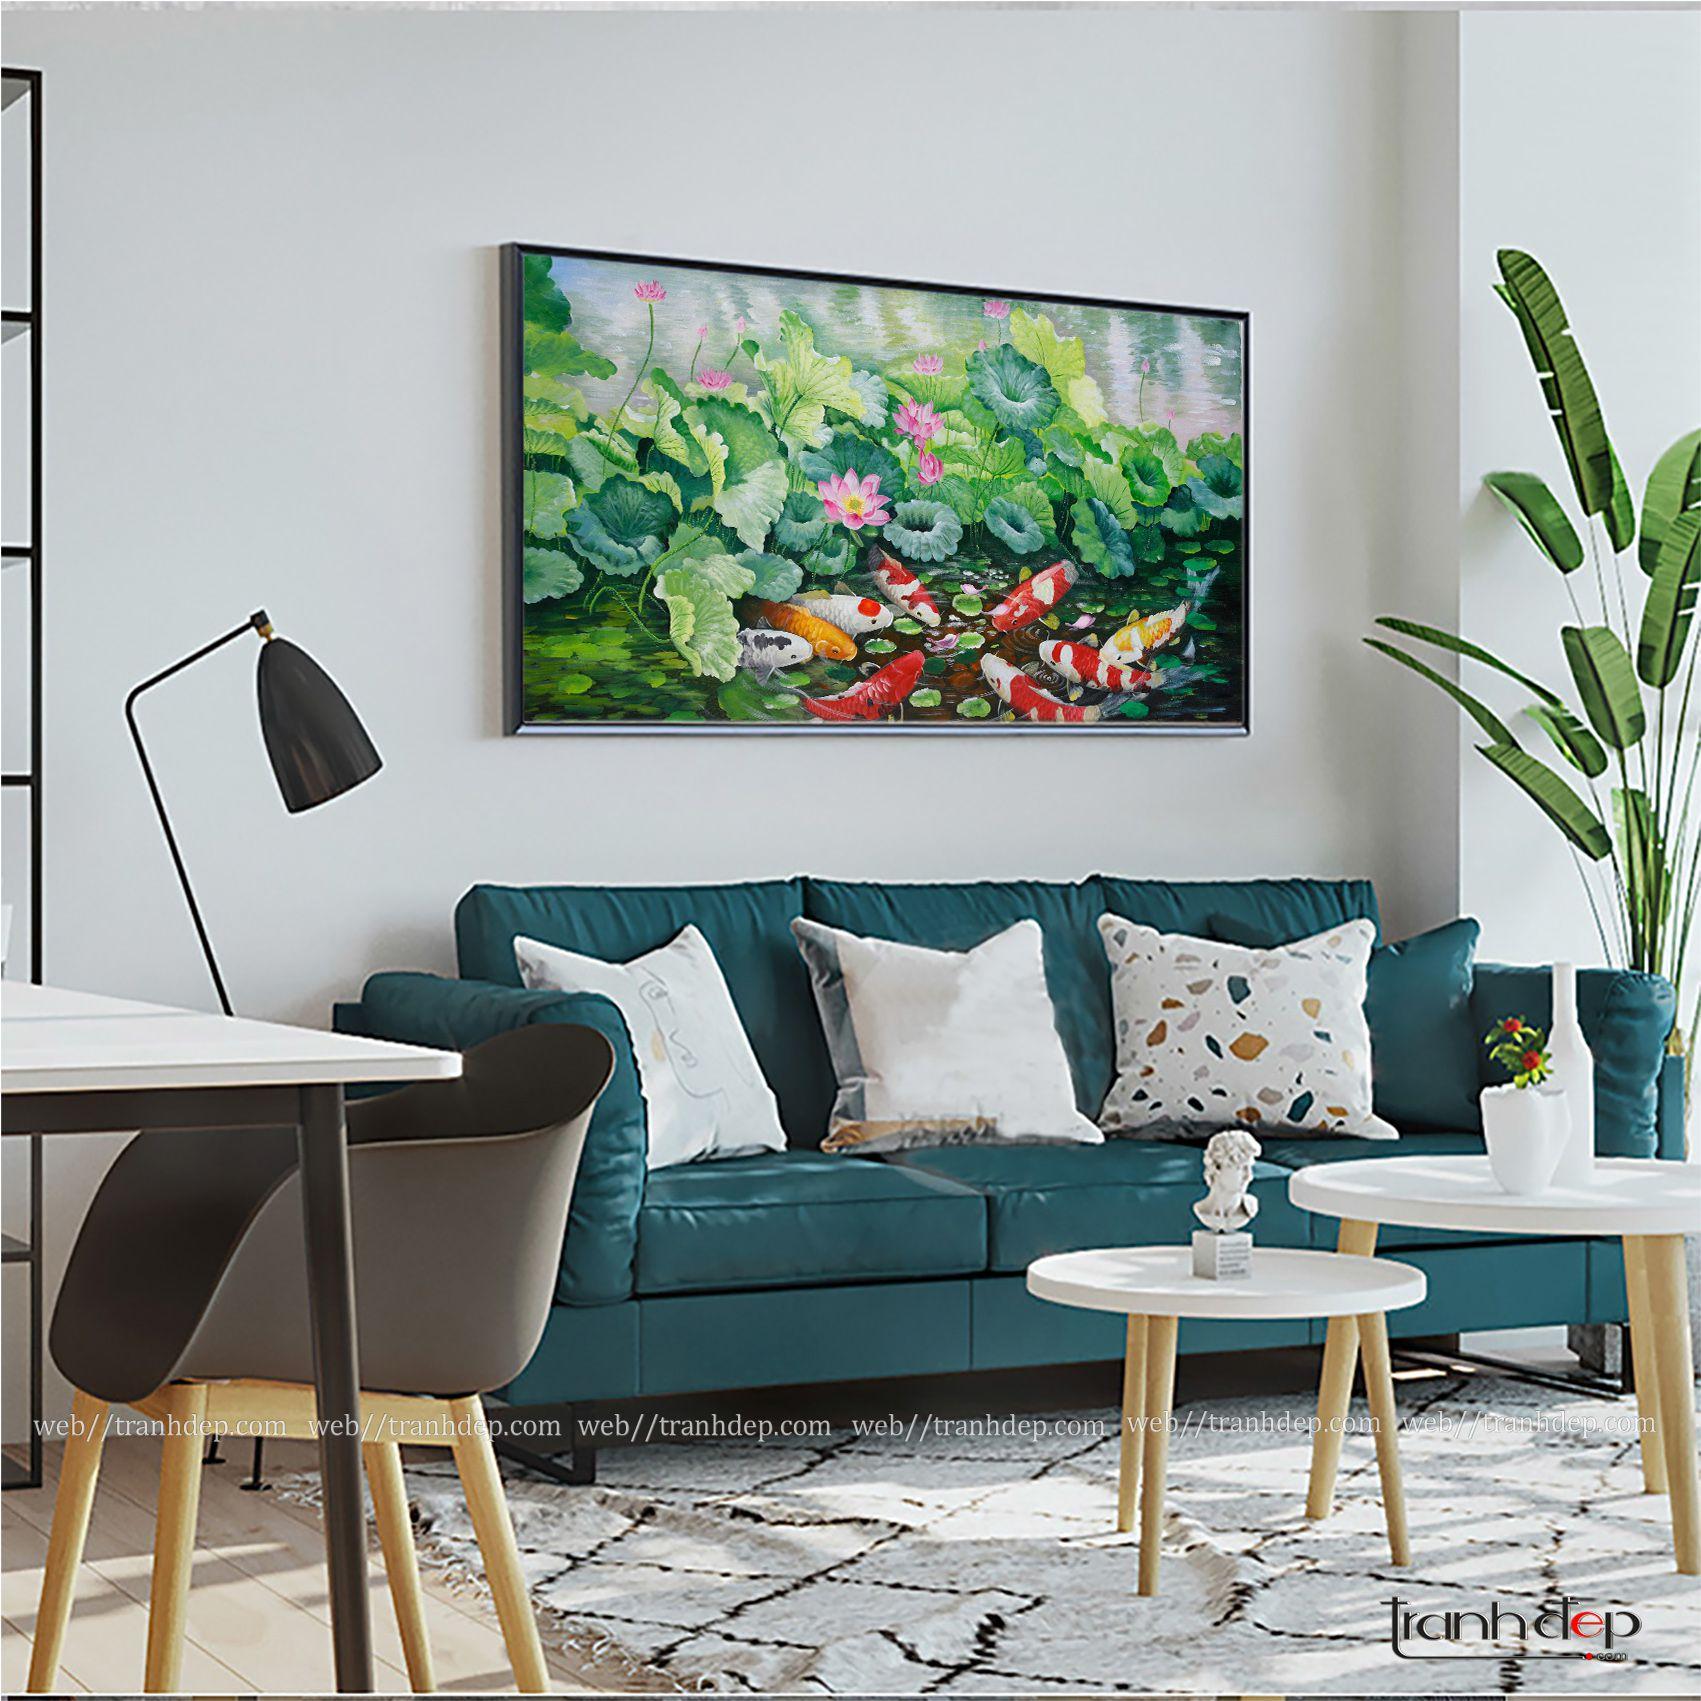 Tranh hoa sen và cá chép trang trí tường phòng